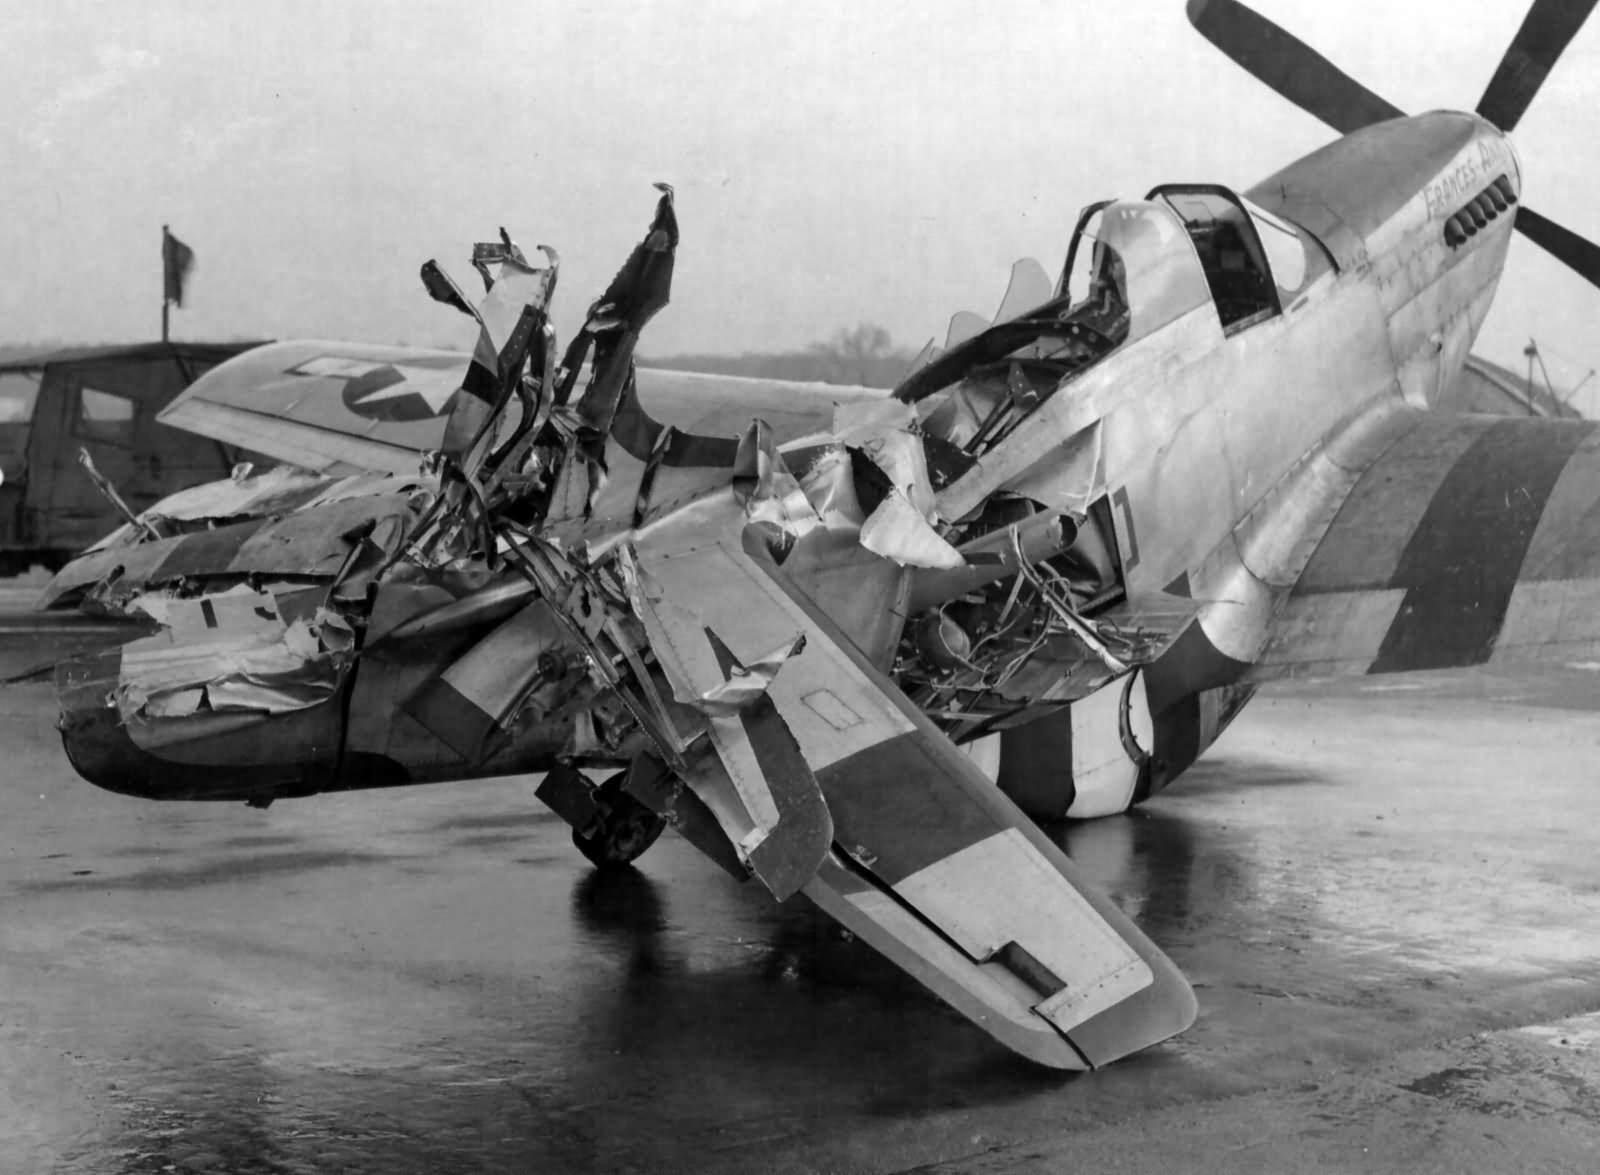 P 51 Mustang  8th AF 364 Fighter Group - Un P-51 Mustang bien endommagé du 8th AF 364 Fighter Group